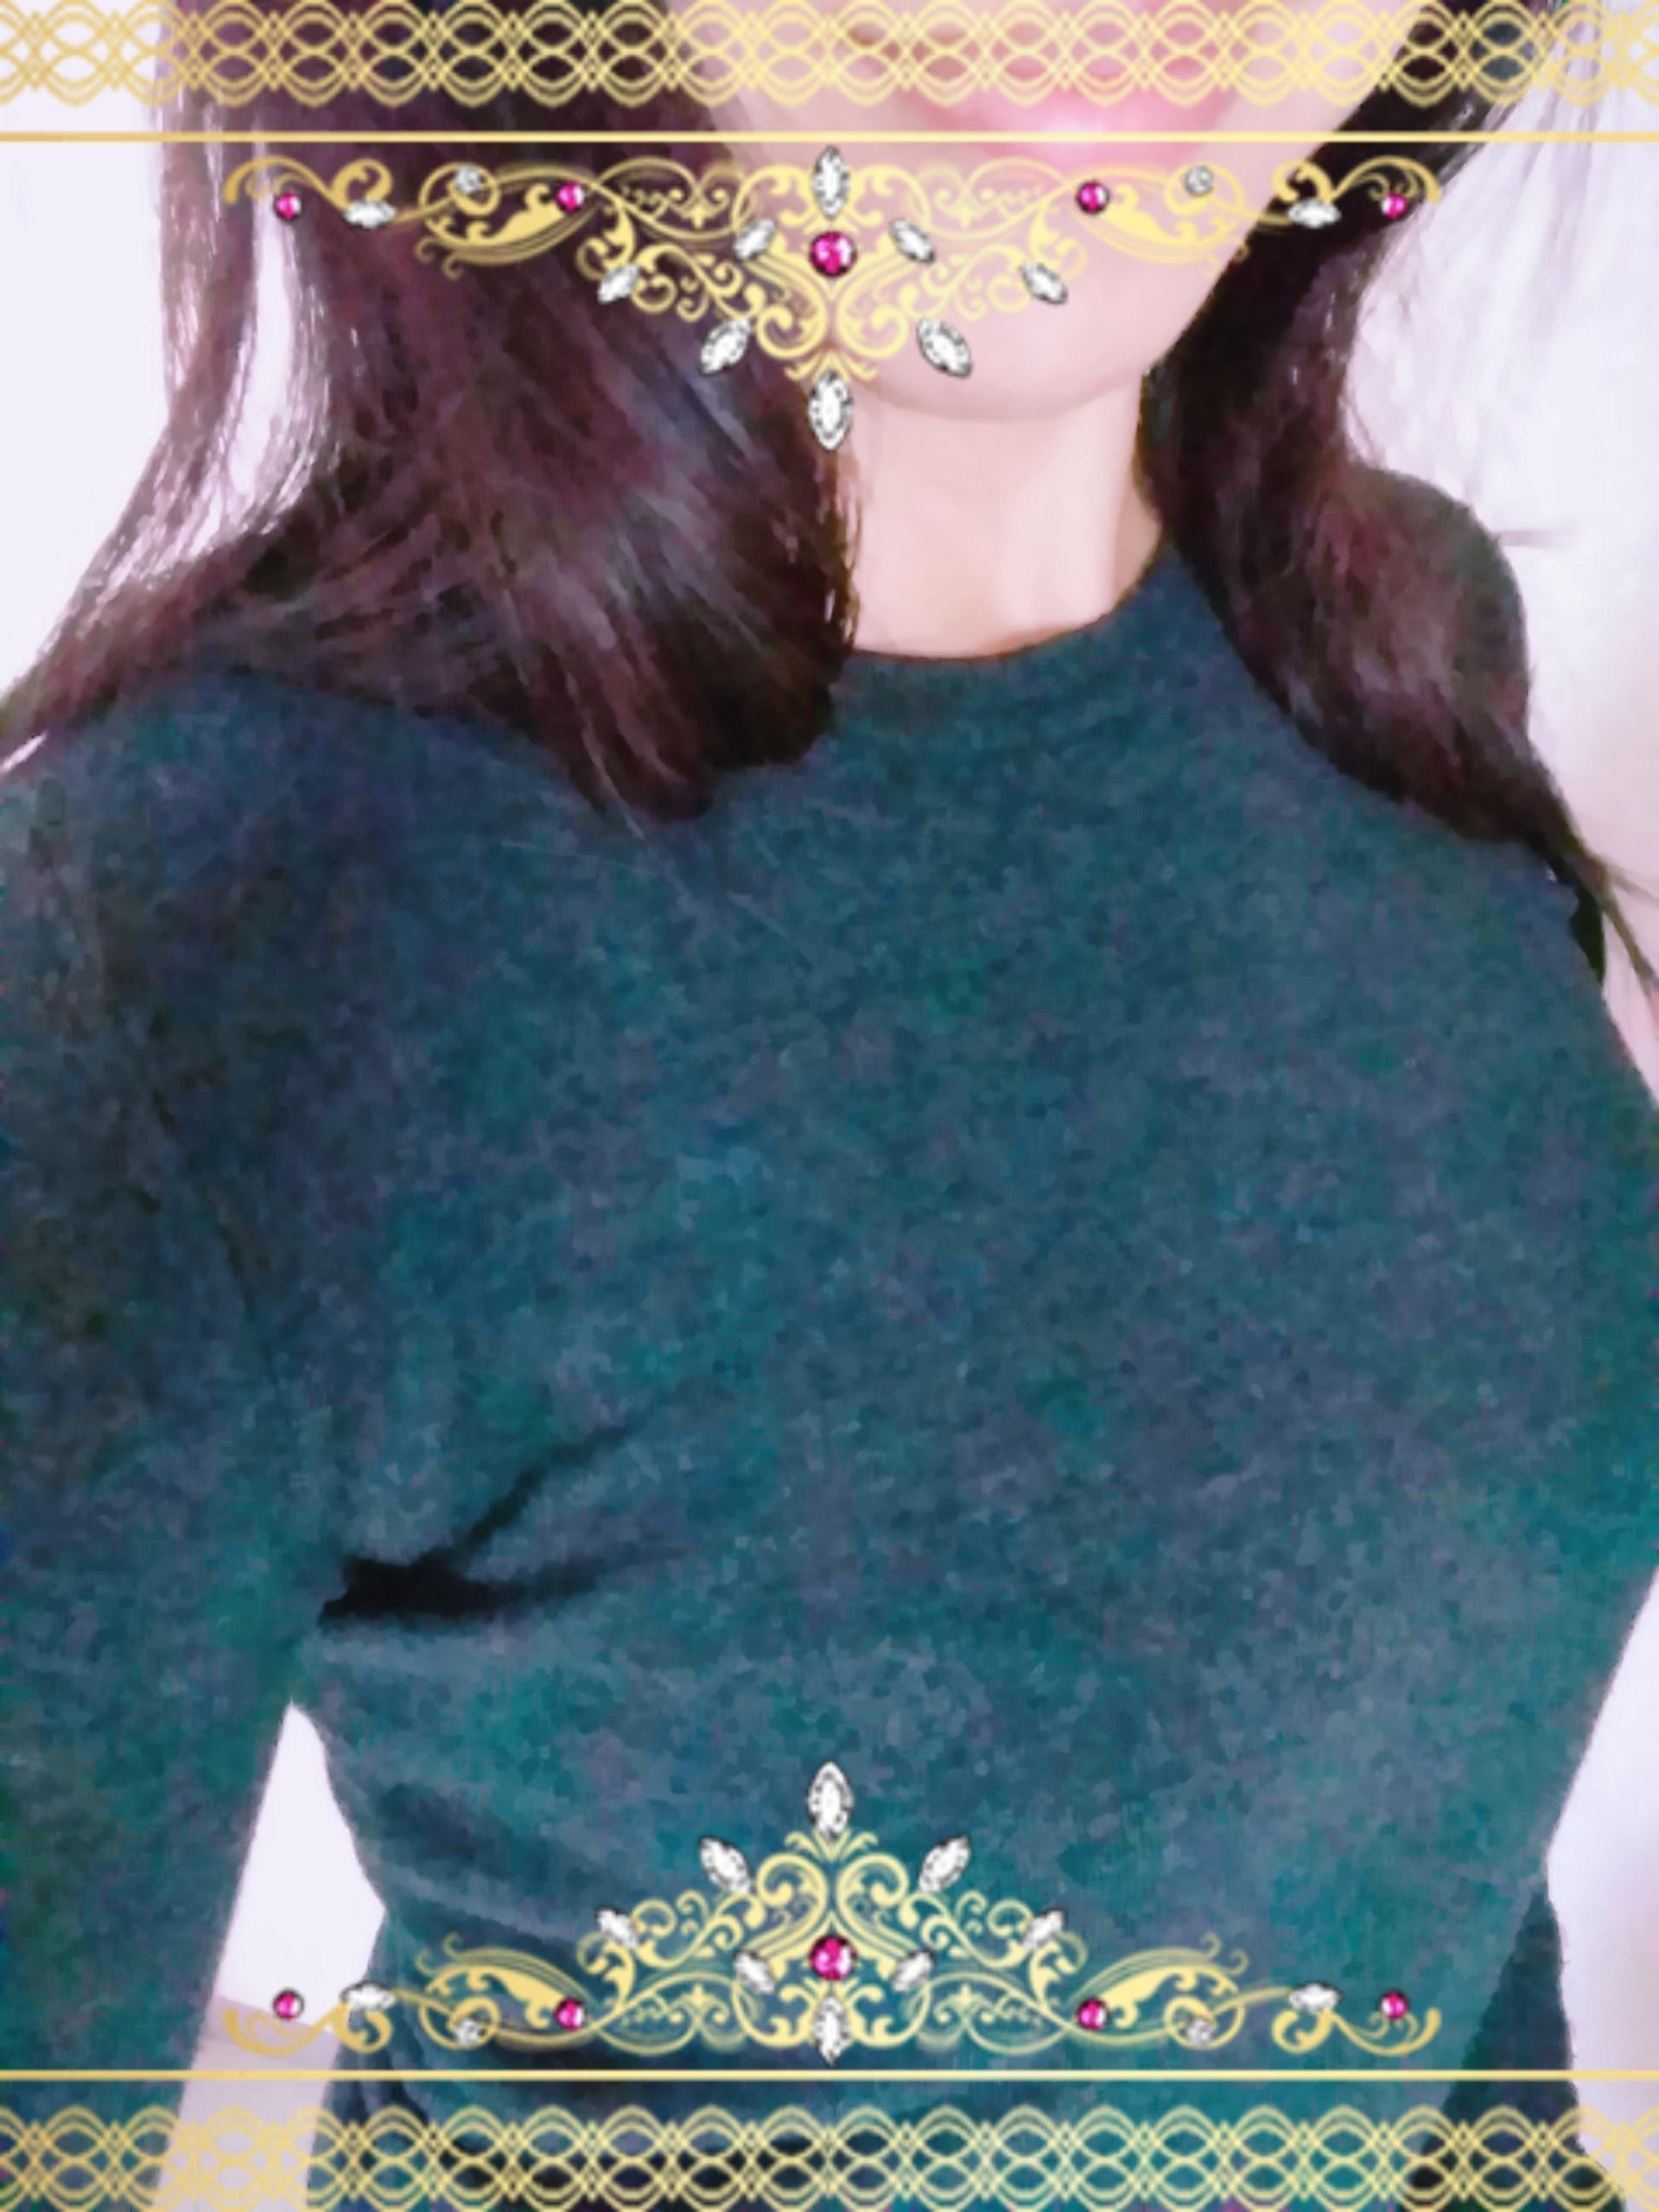 「おはようございます^_^」12/12(水) 11:13 | 羽田さんの写メ・風俗動画